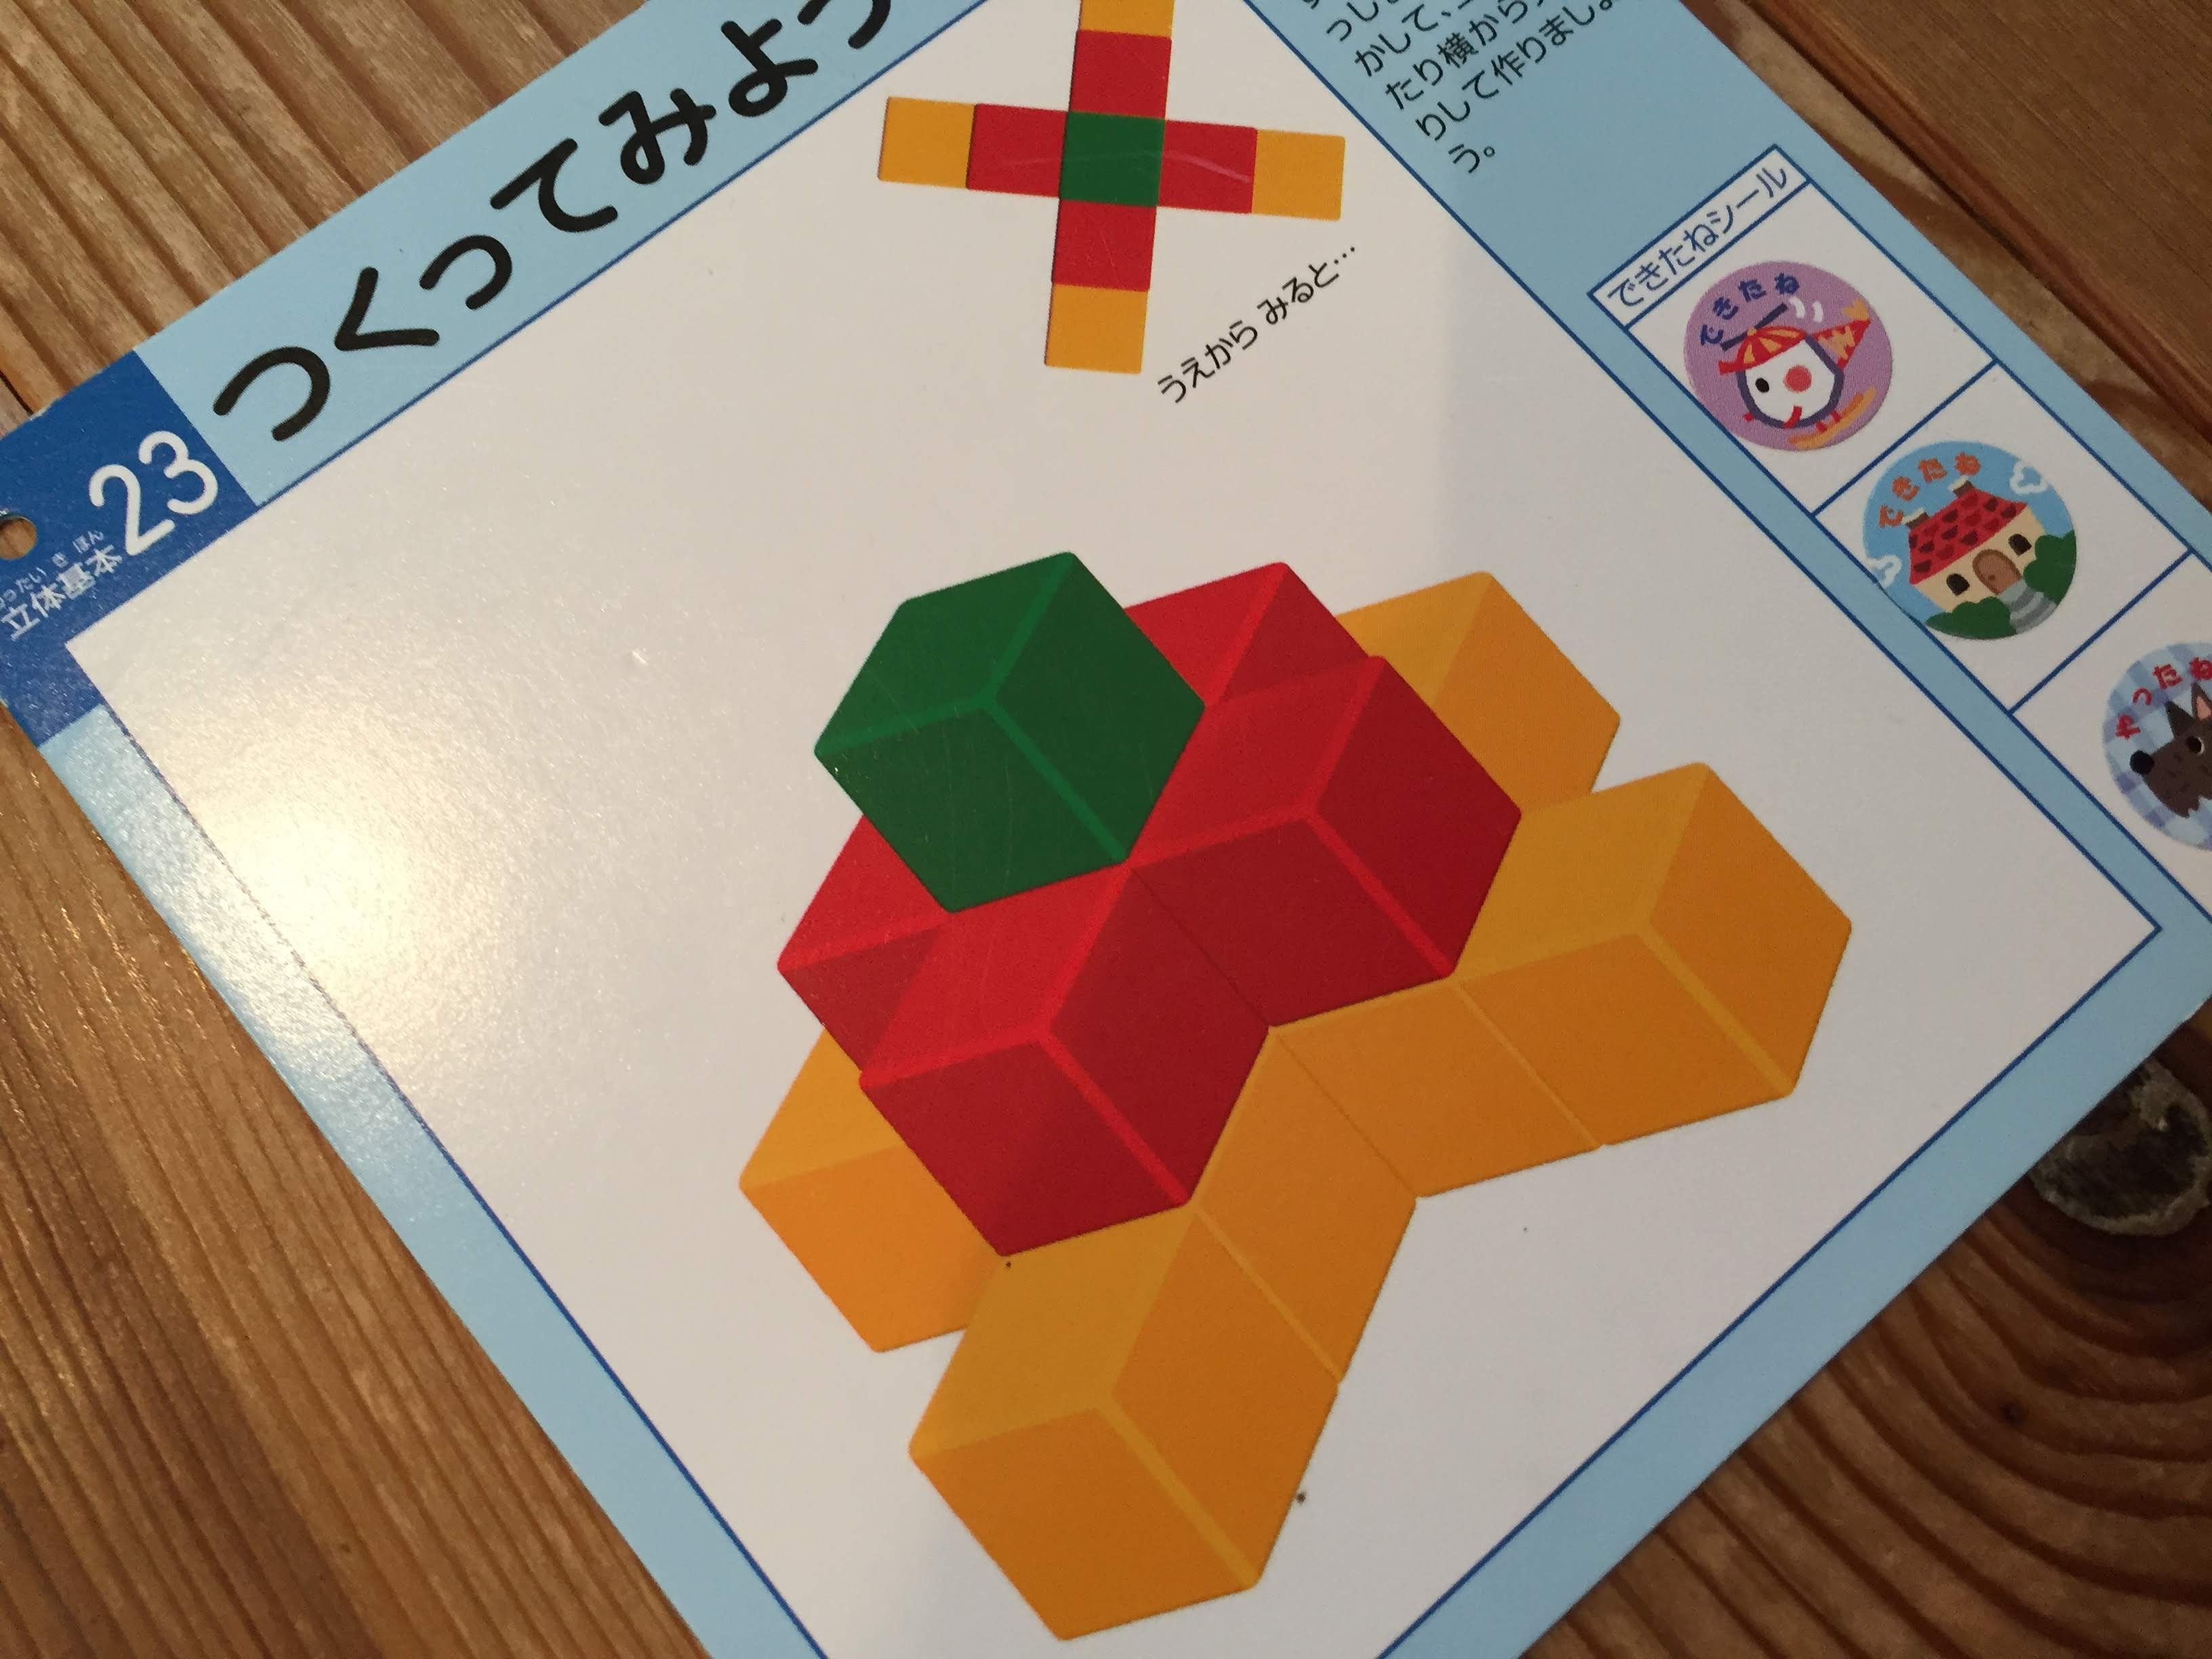 図形キューブ積み木立体